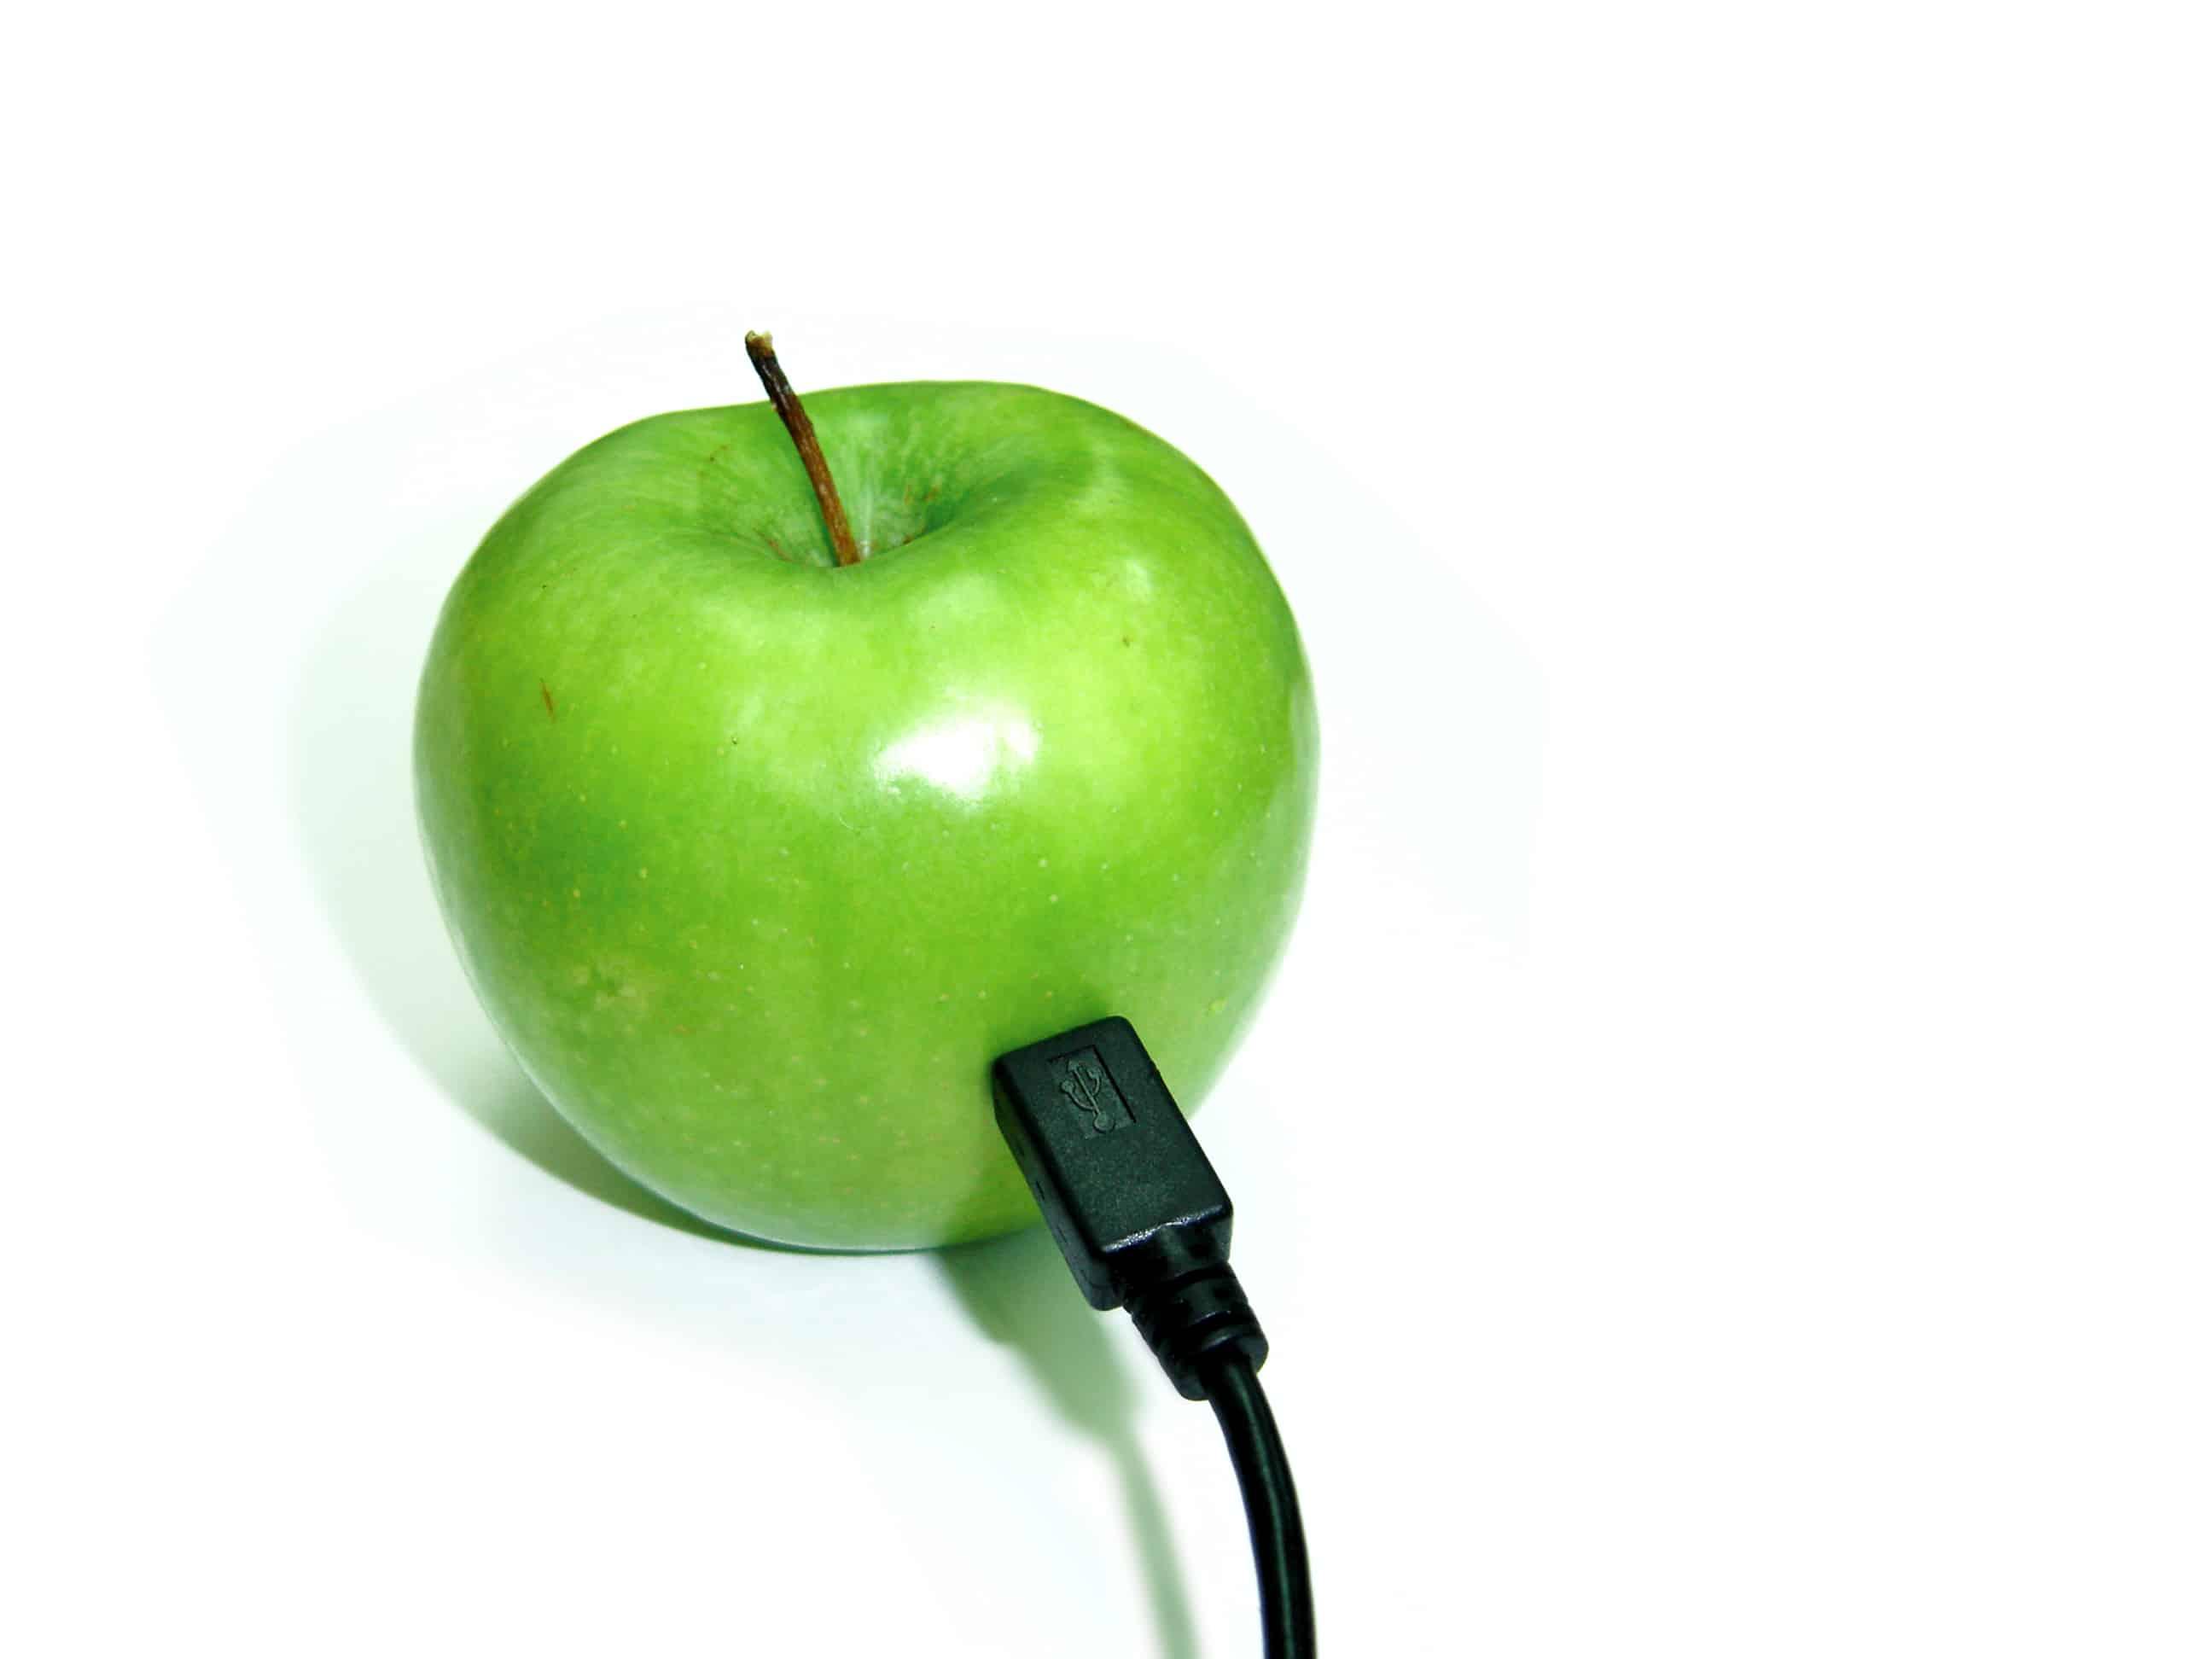 Nem is olyan rossz az Apple